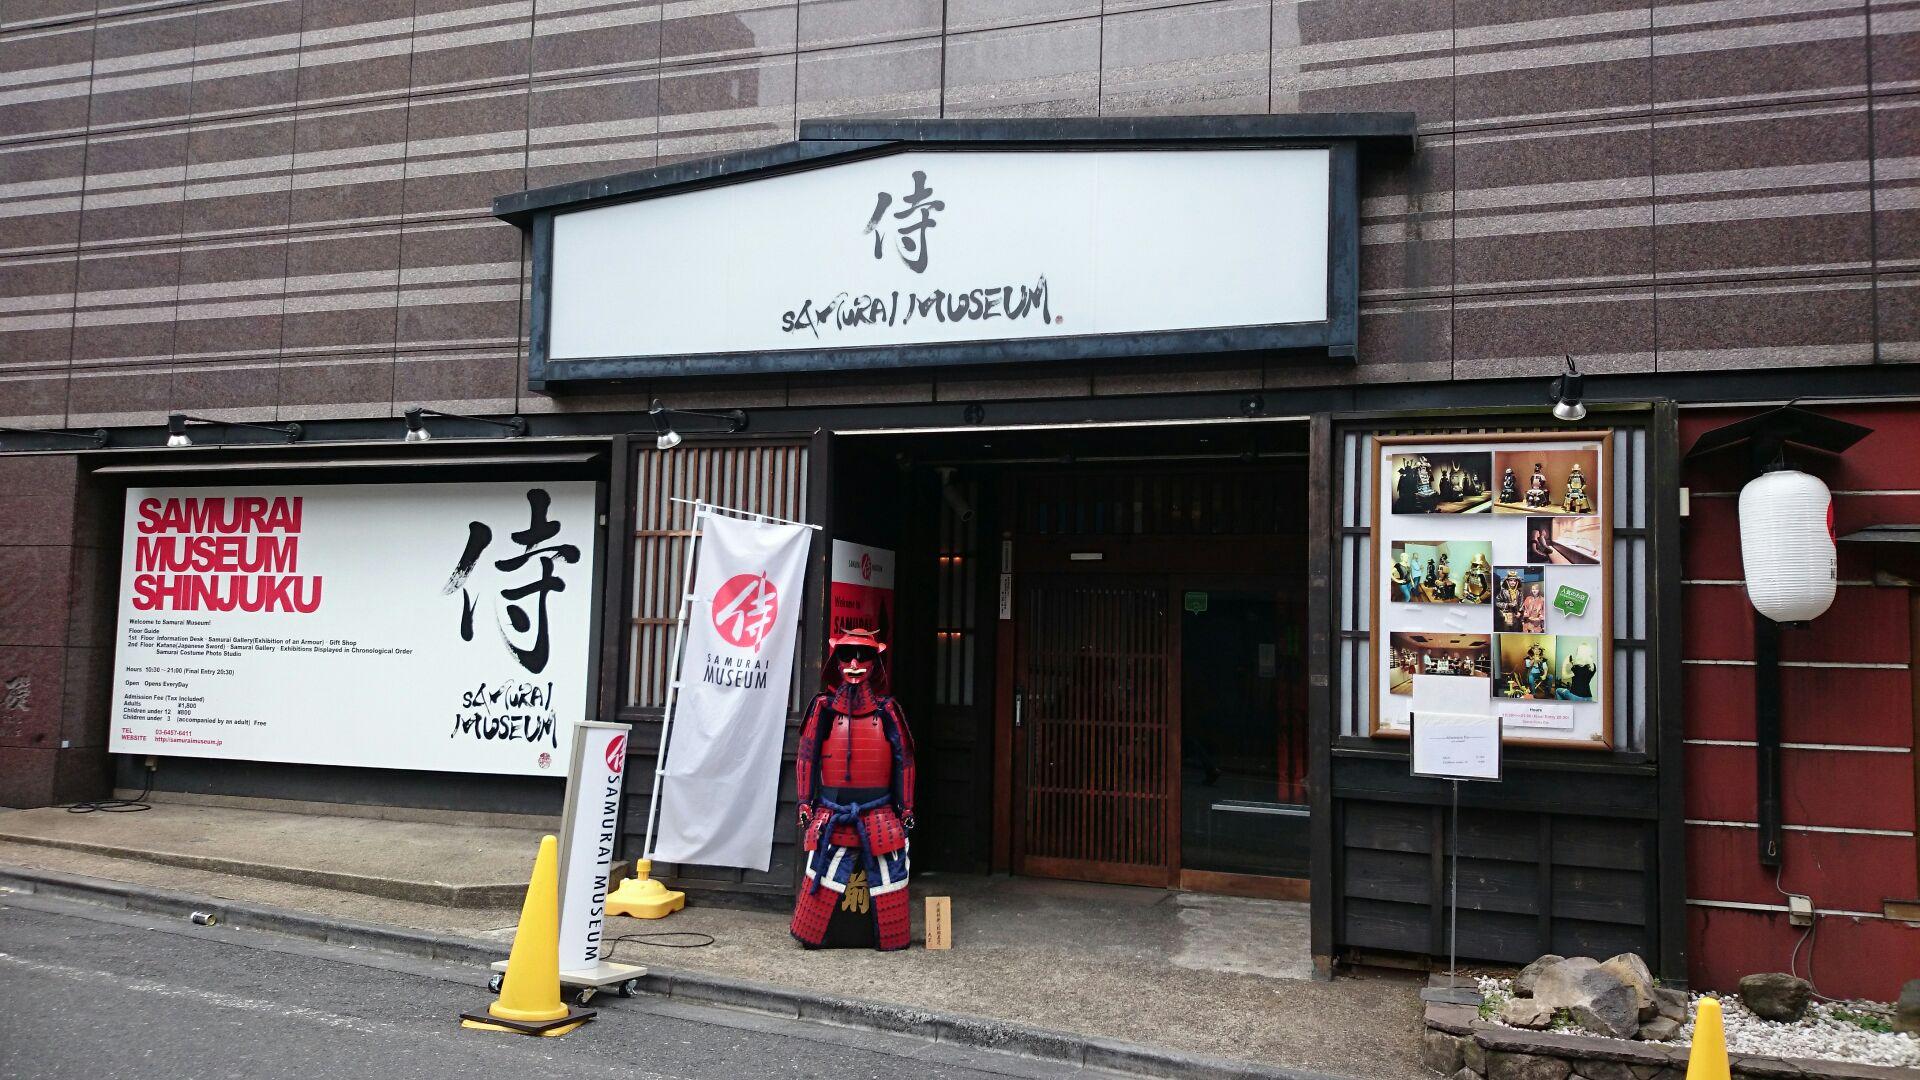 Pelajari Fakta tentang Samurai di Museum Samurai Shinjuku image